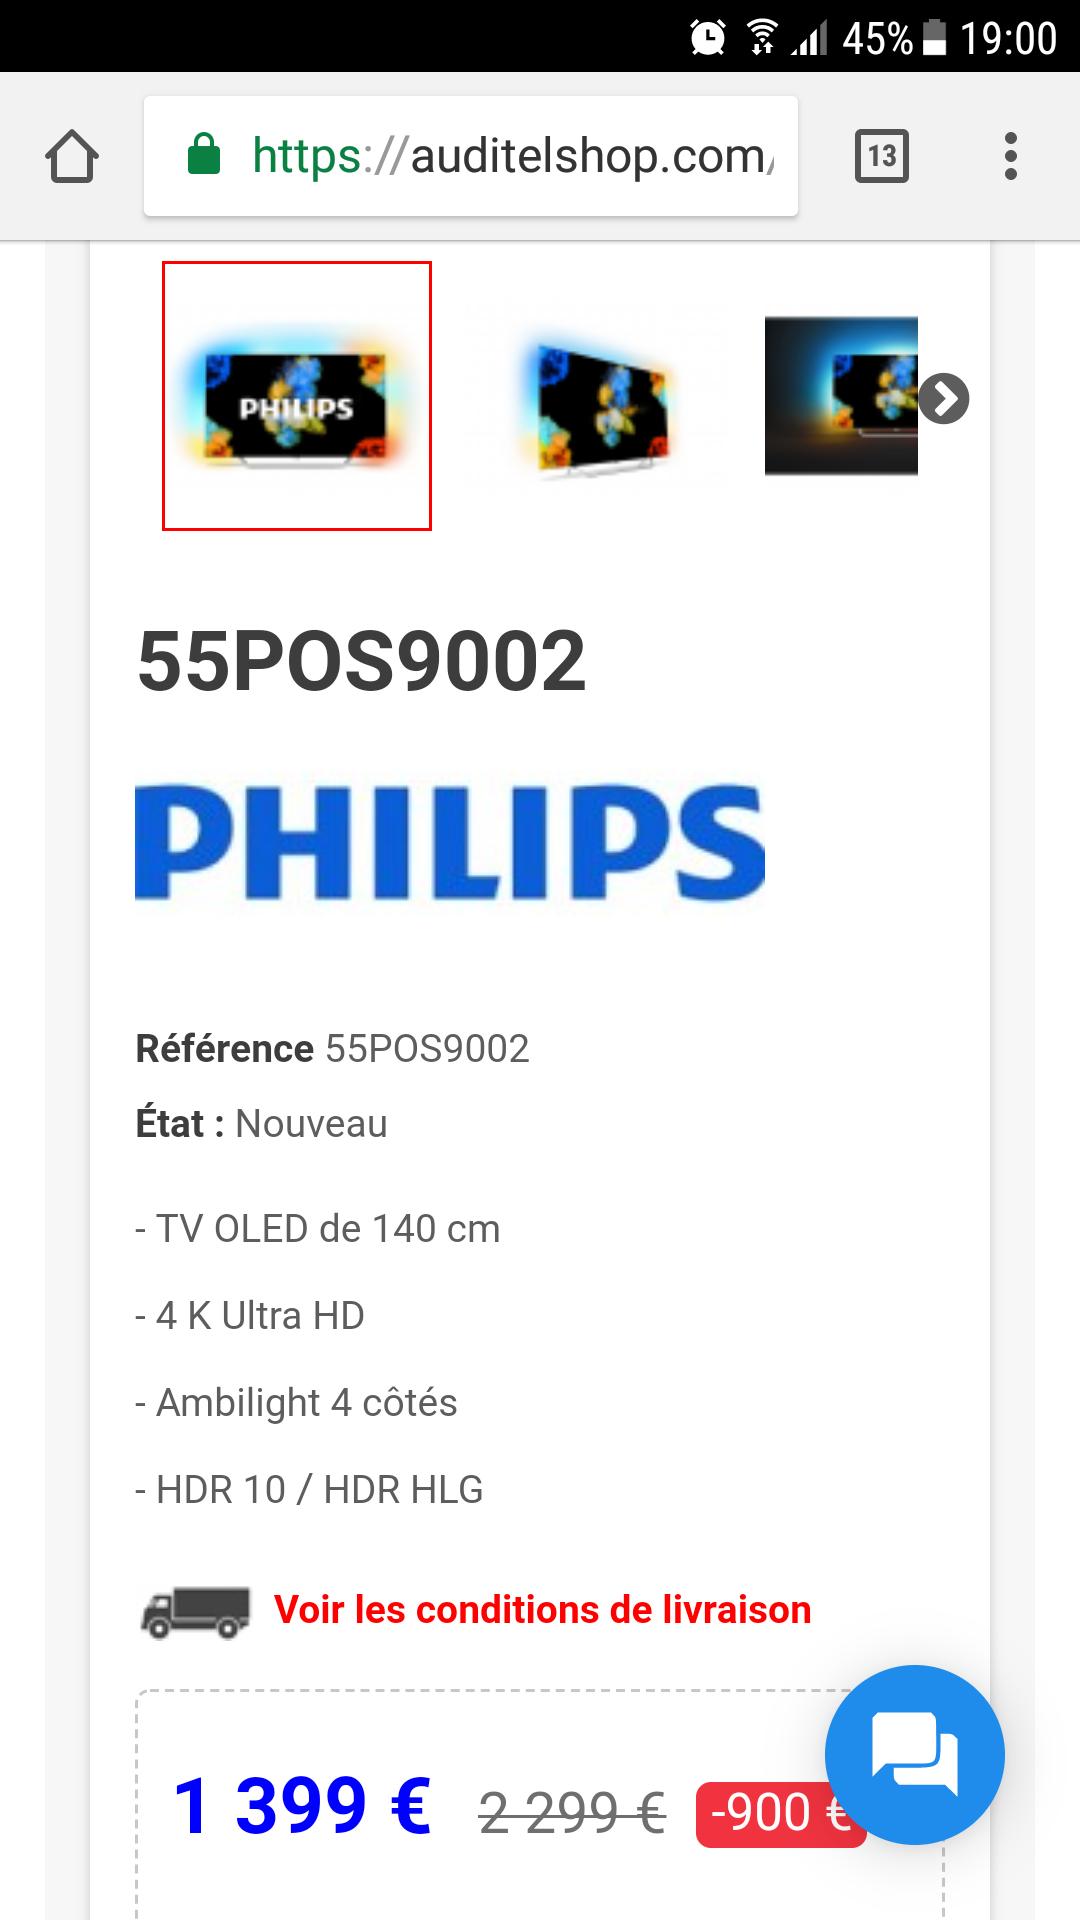 17785303-gz25W.jpg